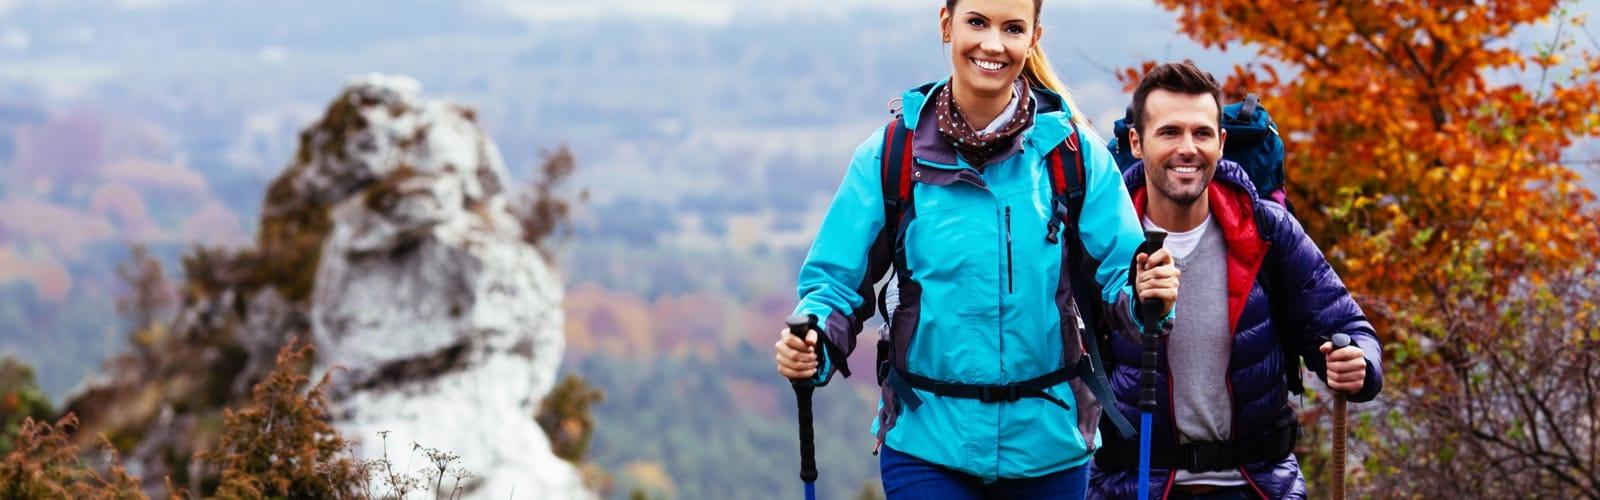 Benefits of Trekking Poles